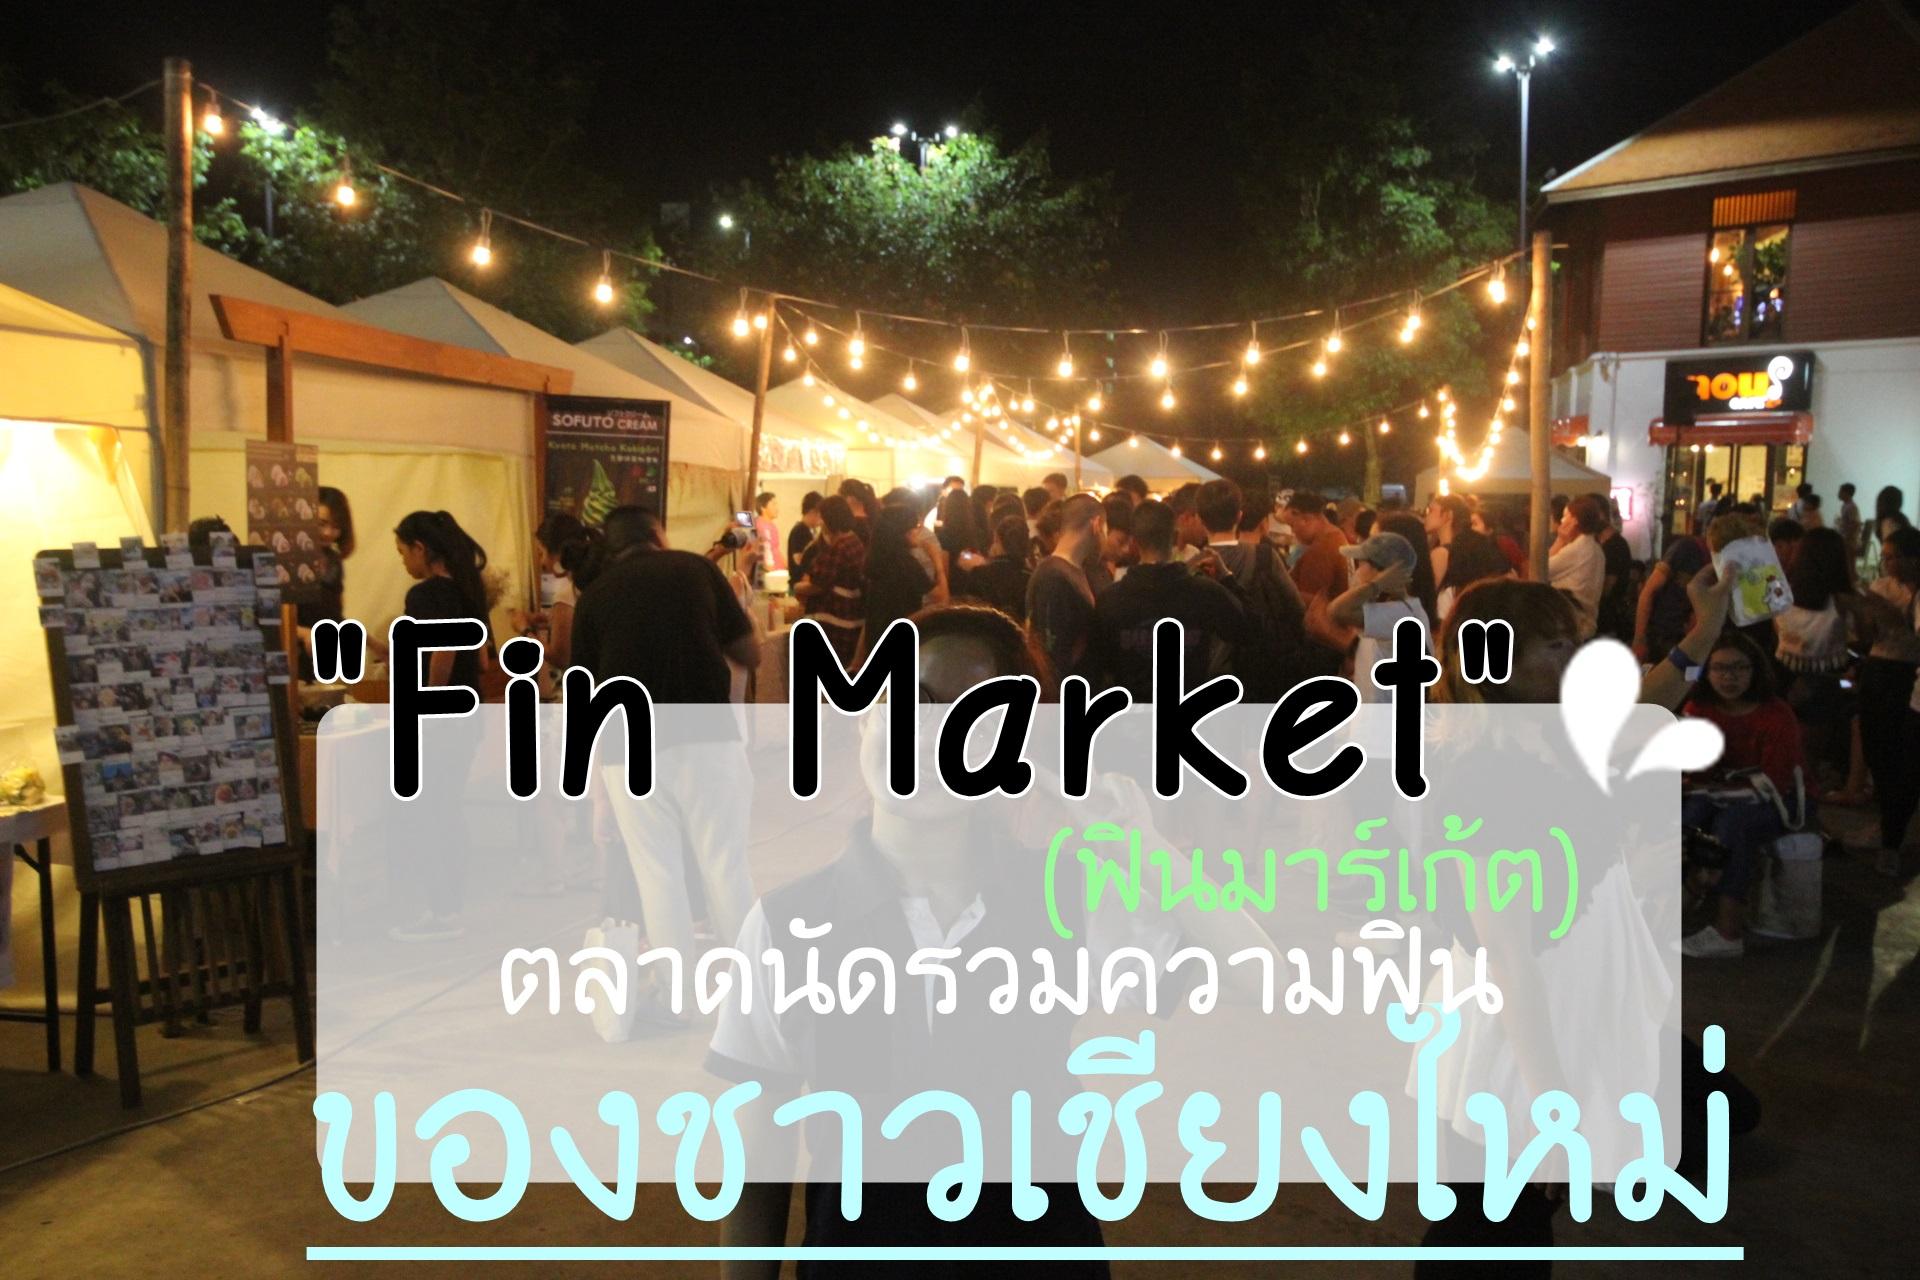 'Fin Market' แหล่งรวมความฟินของชาวเชียงใหม่!